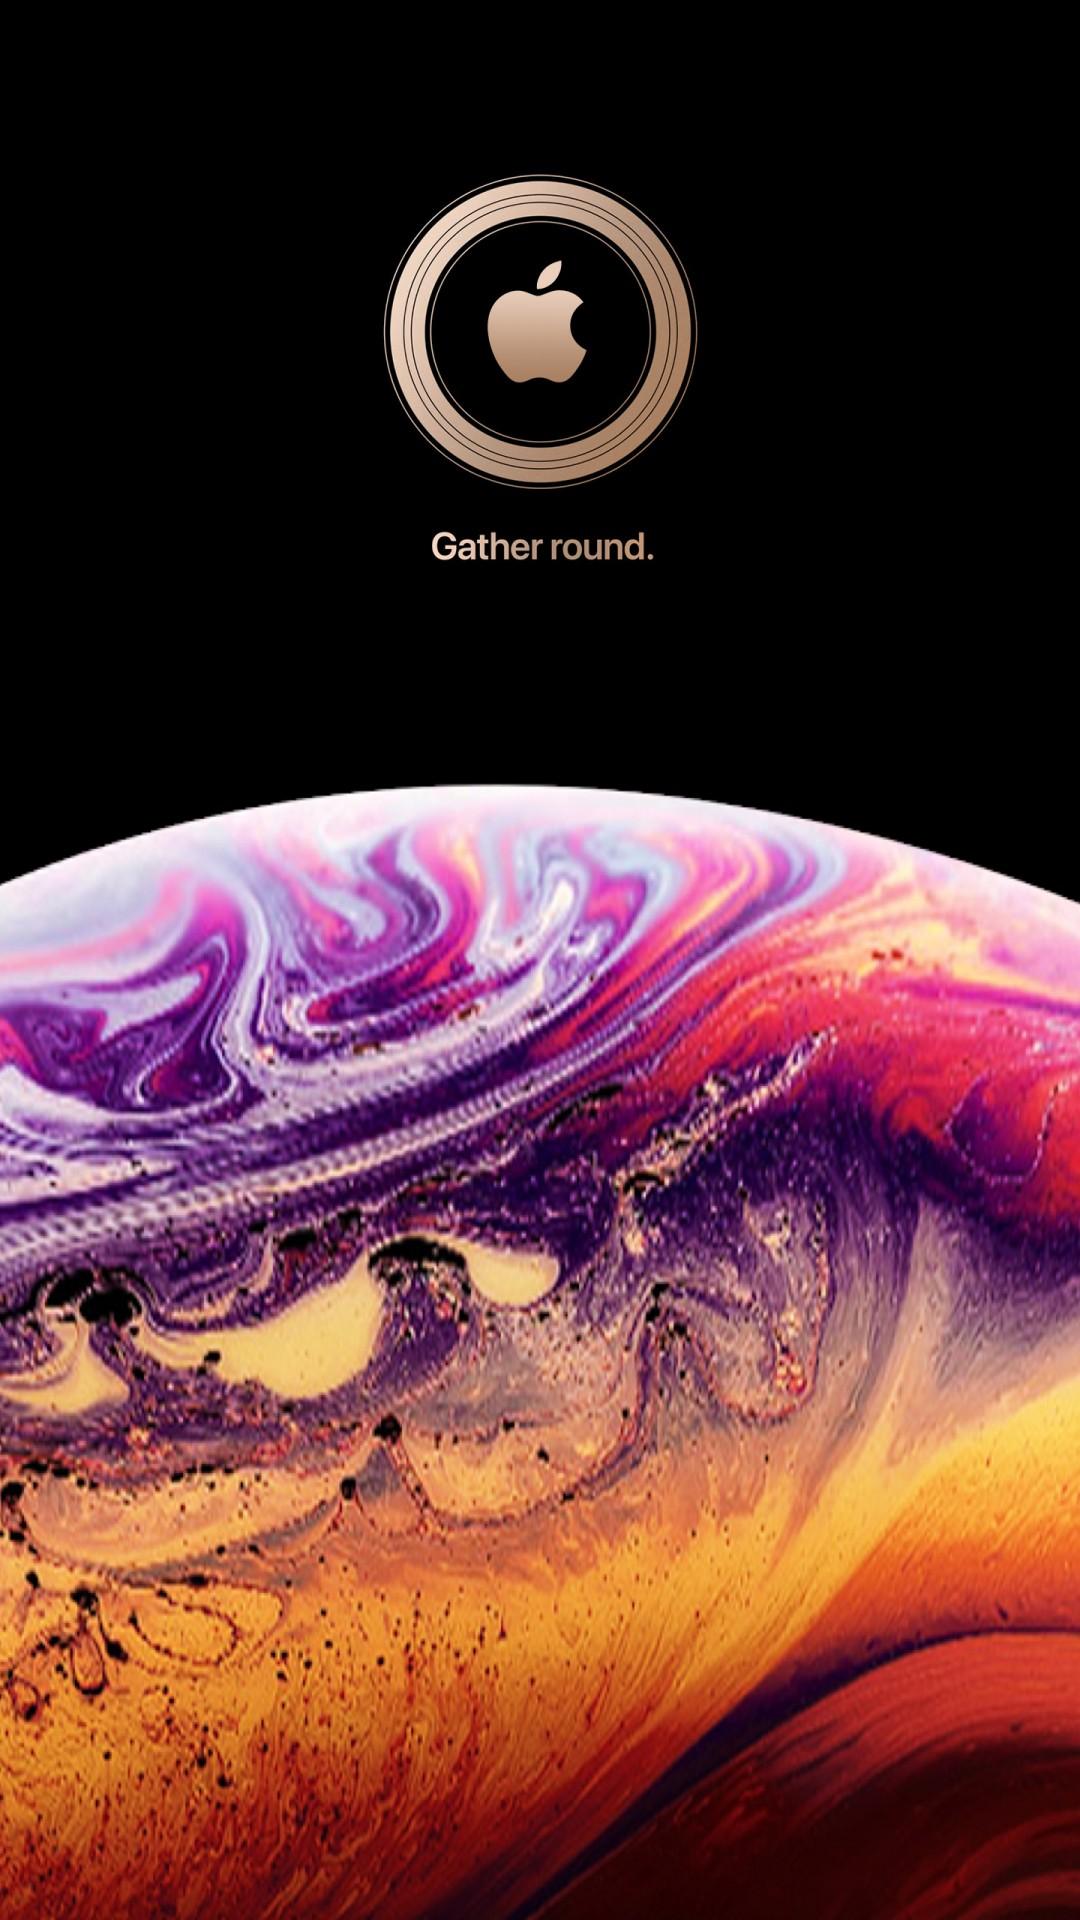 الخلفيات الرسمية 46 خلفية لأجهزة ايفون Xs Xs Max Xr